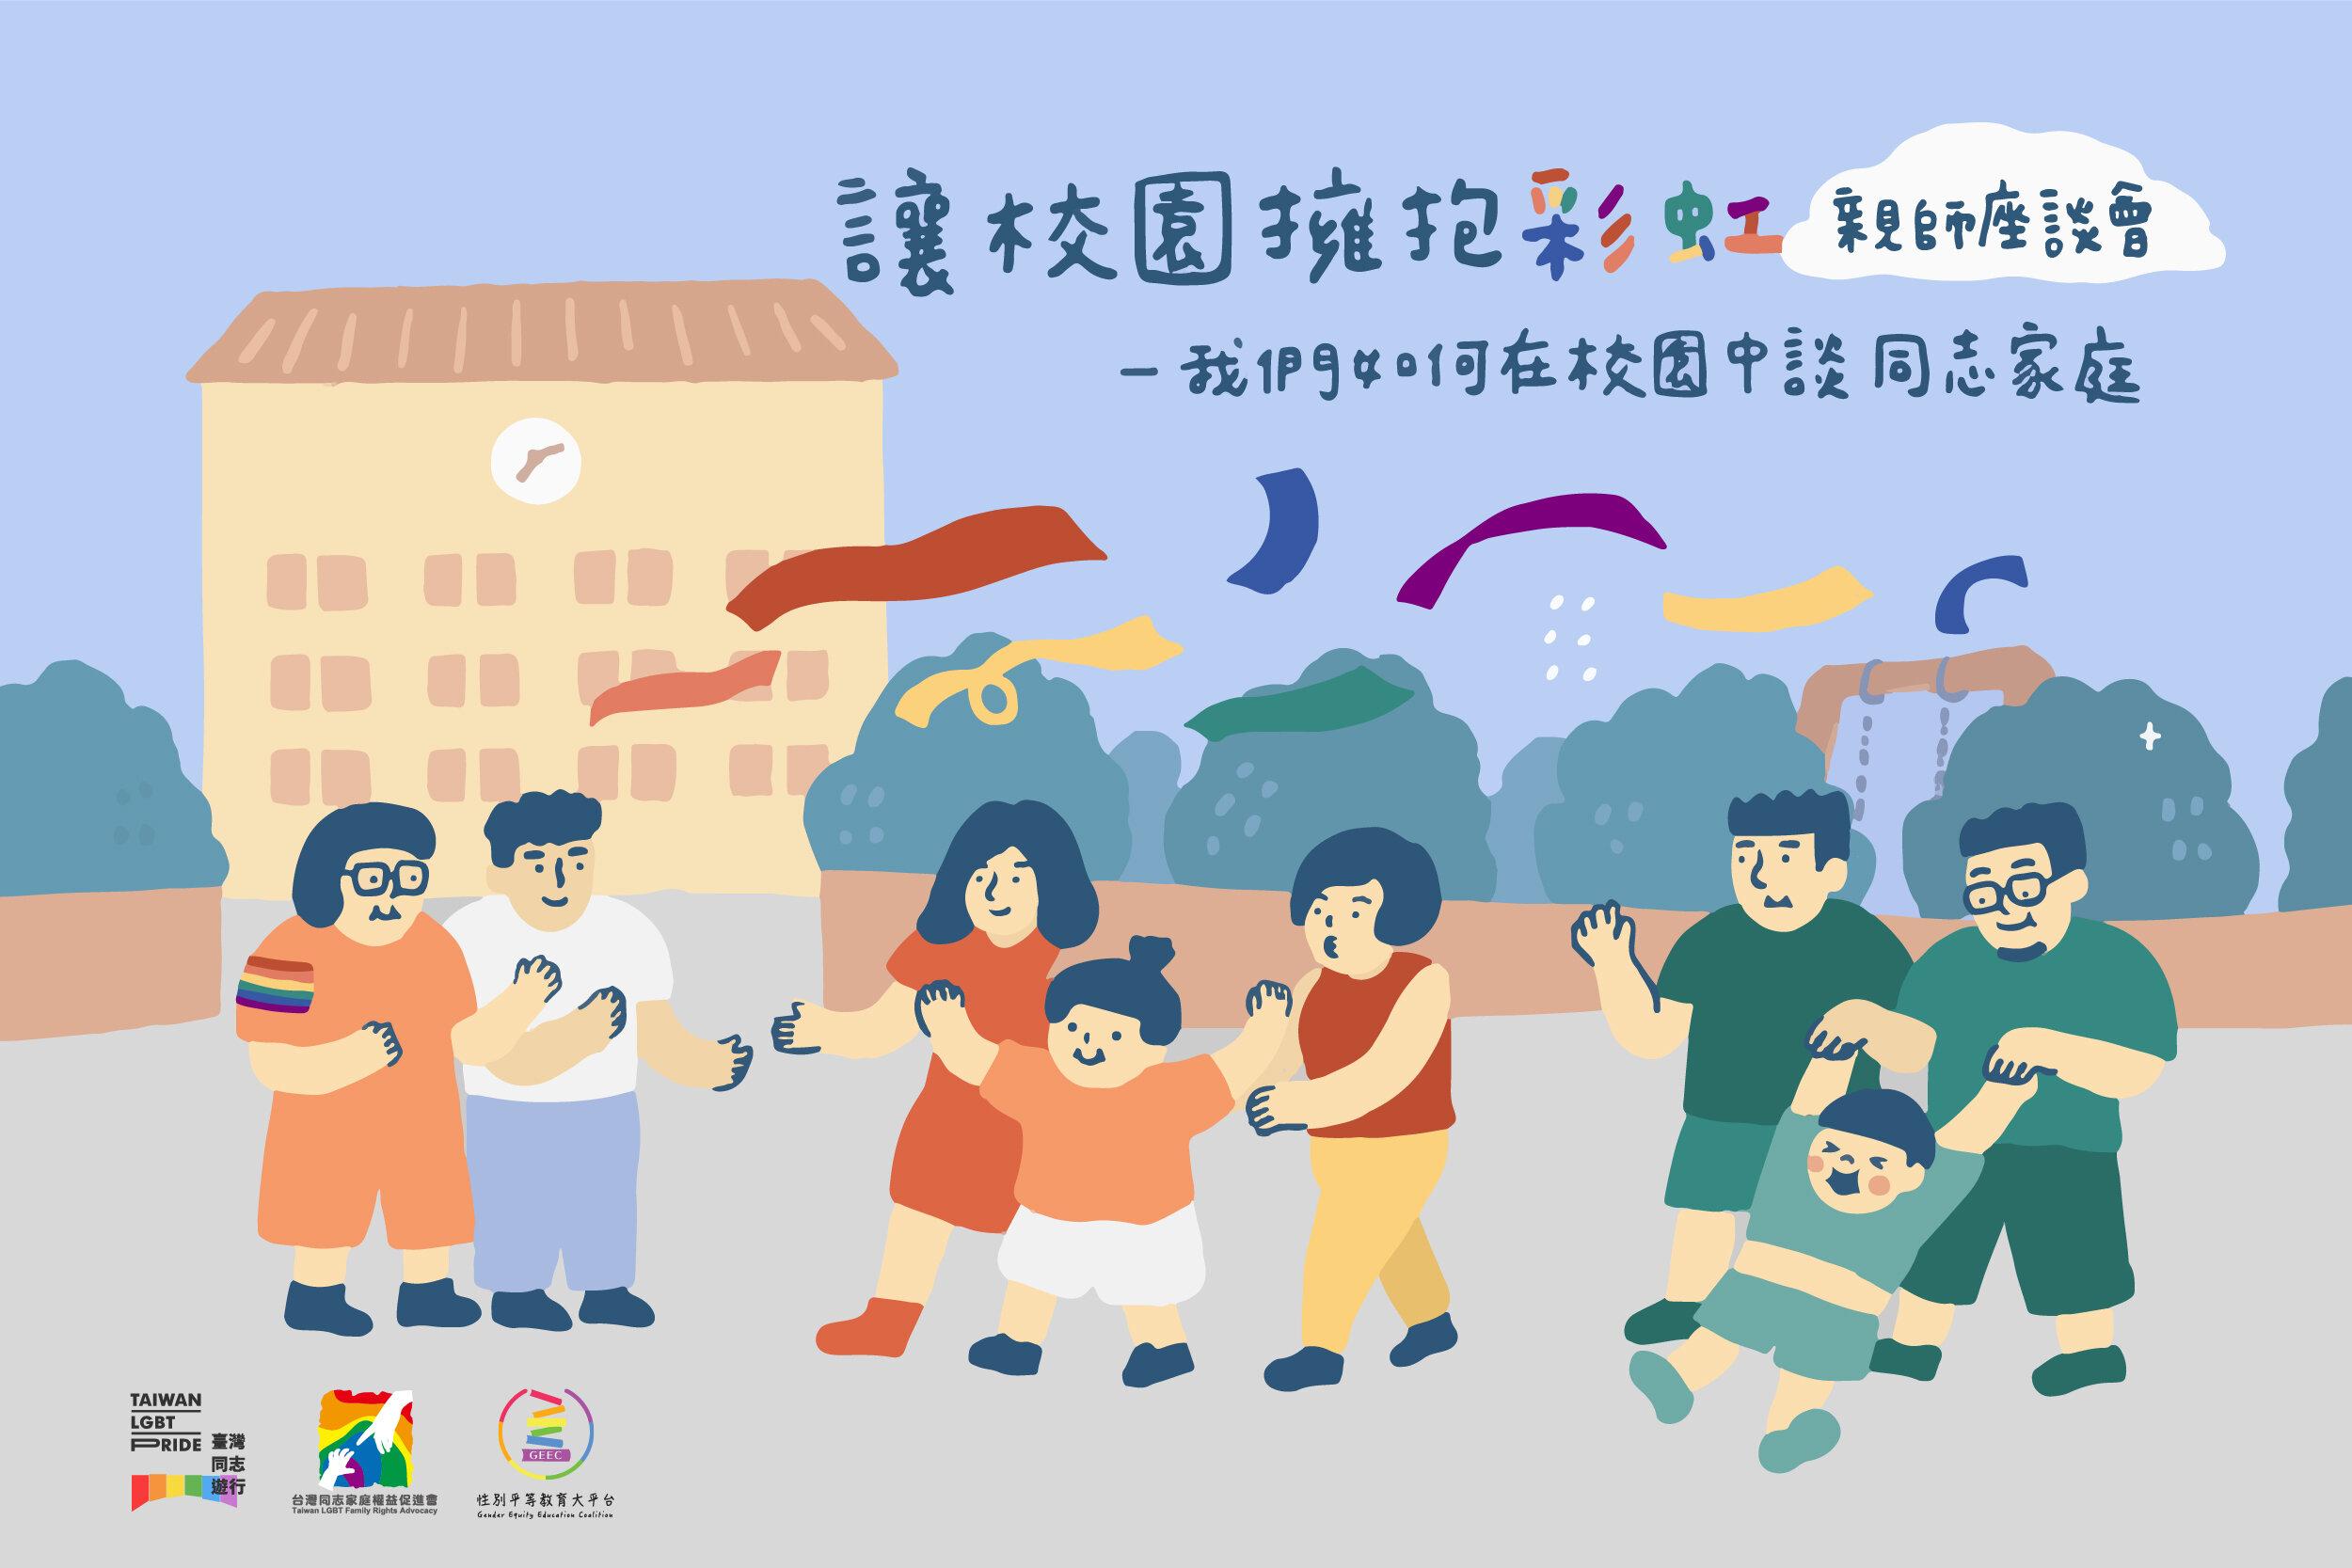 《讓校園擁抱彩虹》 我們如何在校園中談同志家庭 - 2019.10.20 (日)14:00-17:00台北市